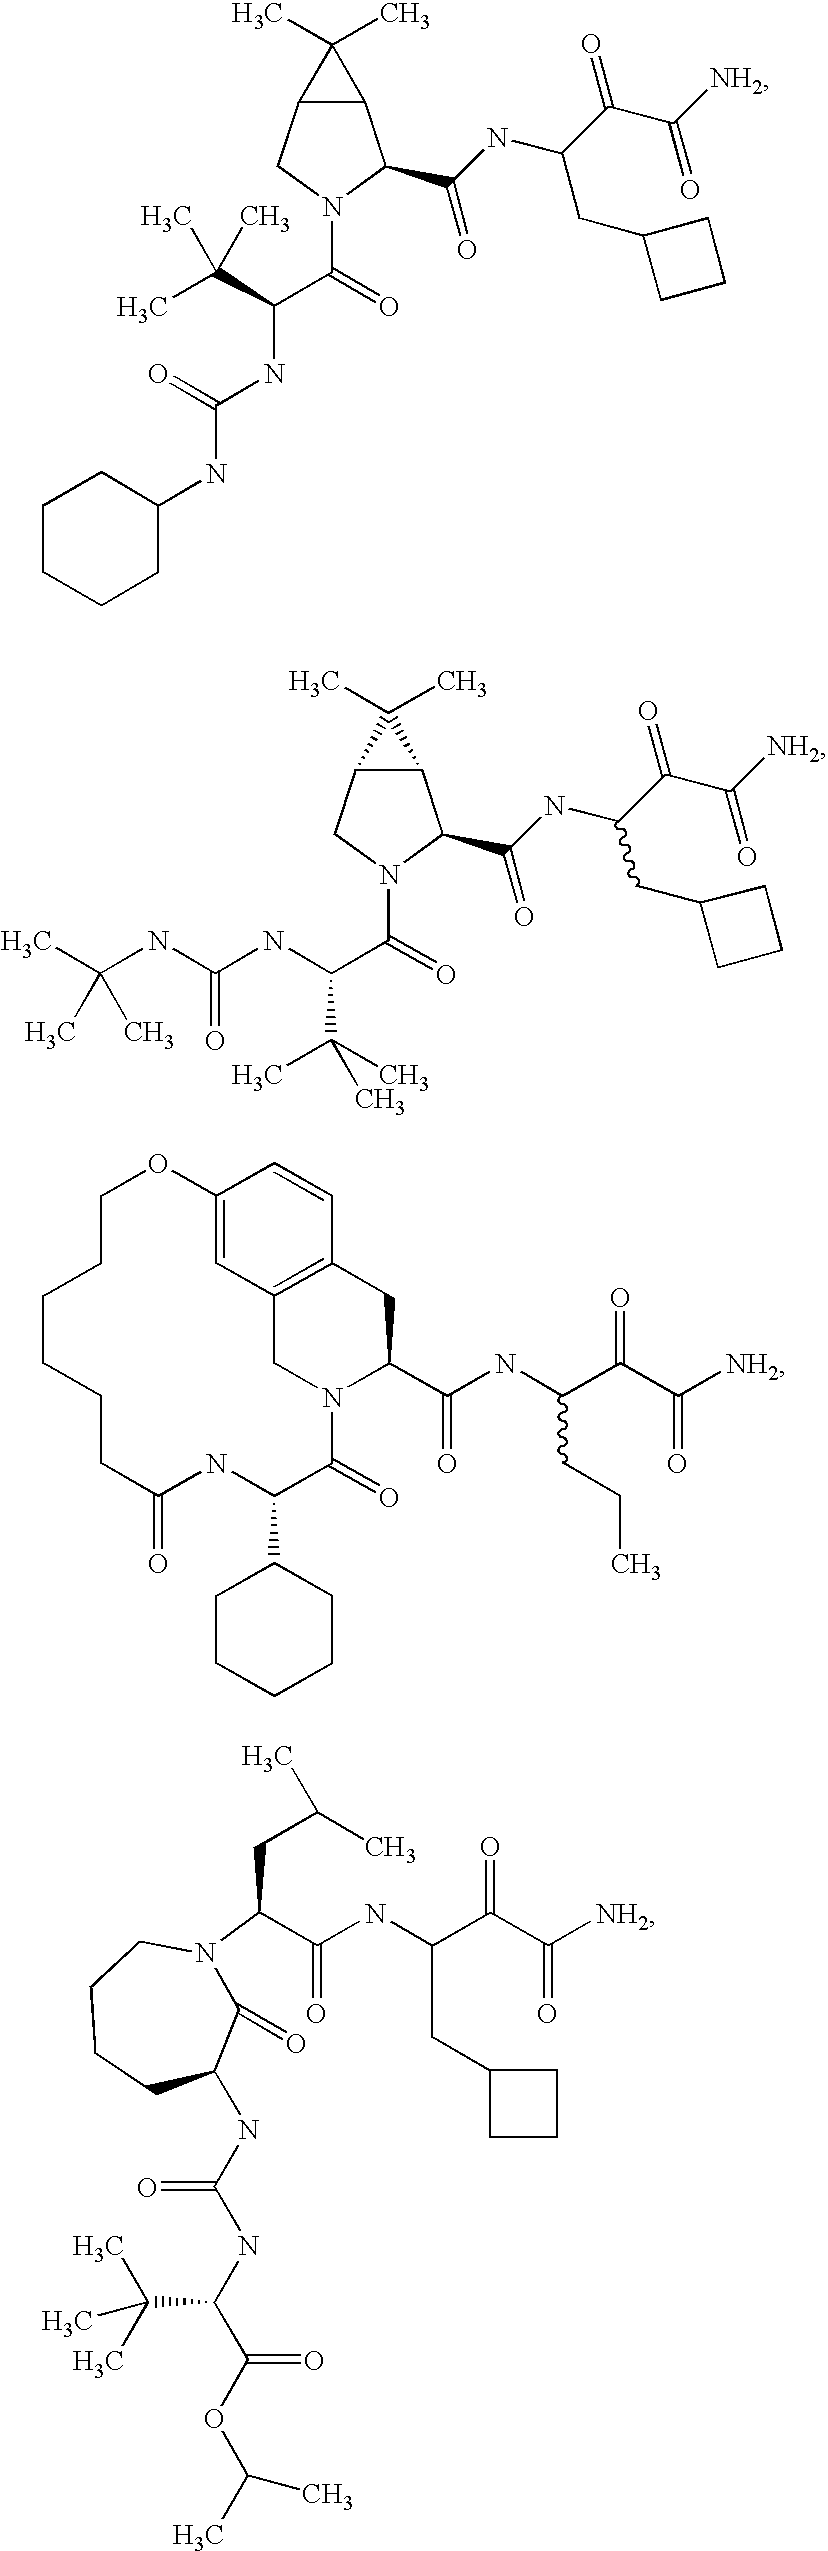 Figure US20060276404A1-20061207-C00088